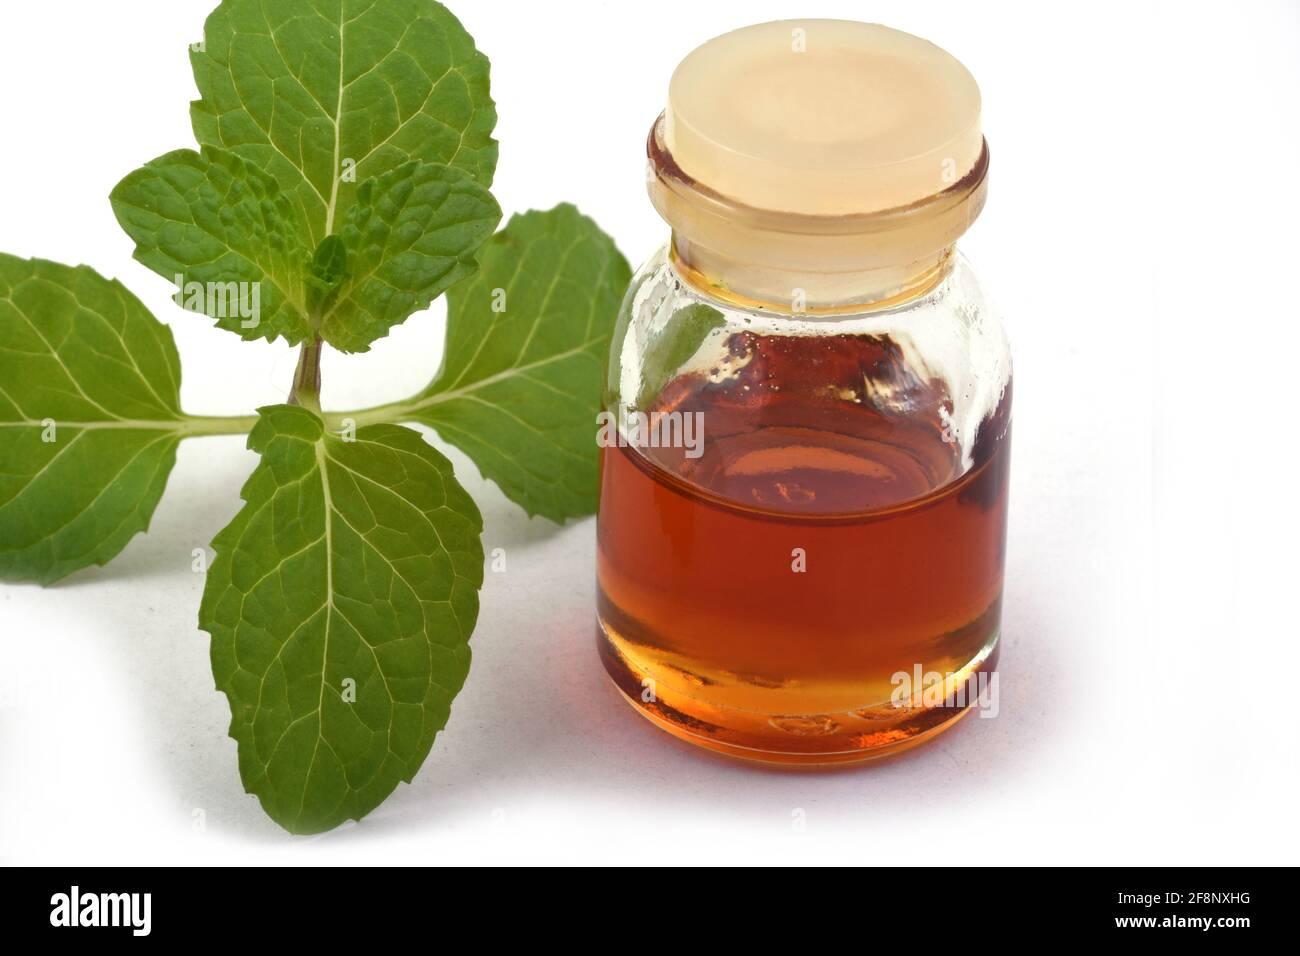 Aceite de menta esencial orgánico en un pequeño tarro de vidrio con hojas de menta verde, Salud y belleza, todavía vida spa concepto espacio de copia fondo Foto de stock